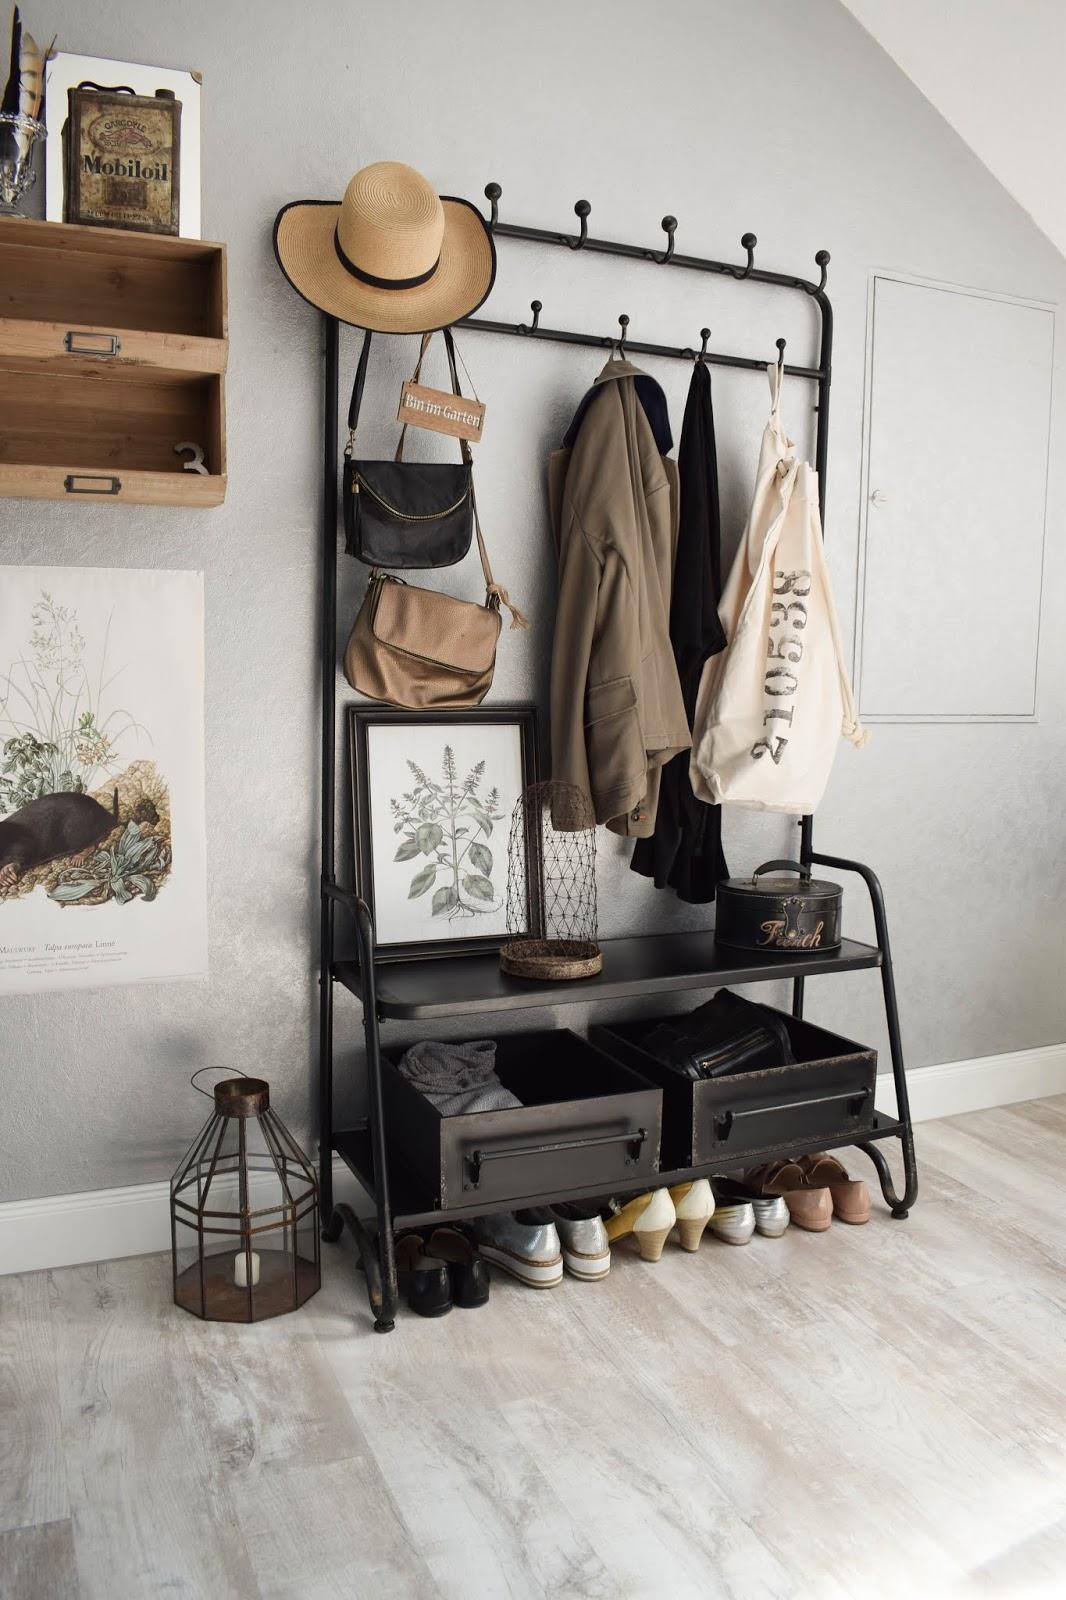 Garderobe Diele Flur Eingangsbereich Deko Dekoidee Interior Einrichtung WENKO Wäschesammler Wäschesack Aufbewahrung Werbung 5